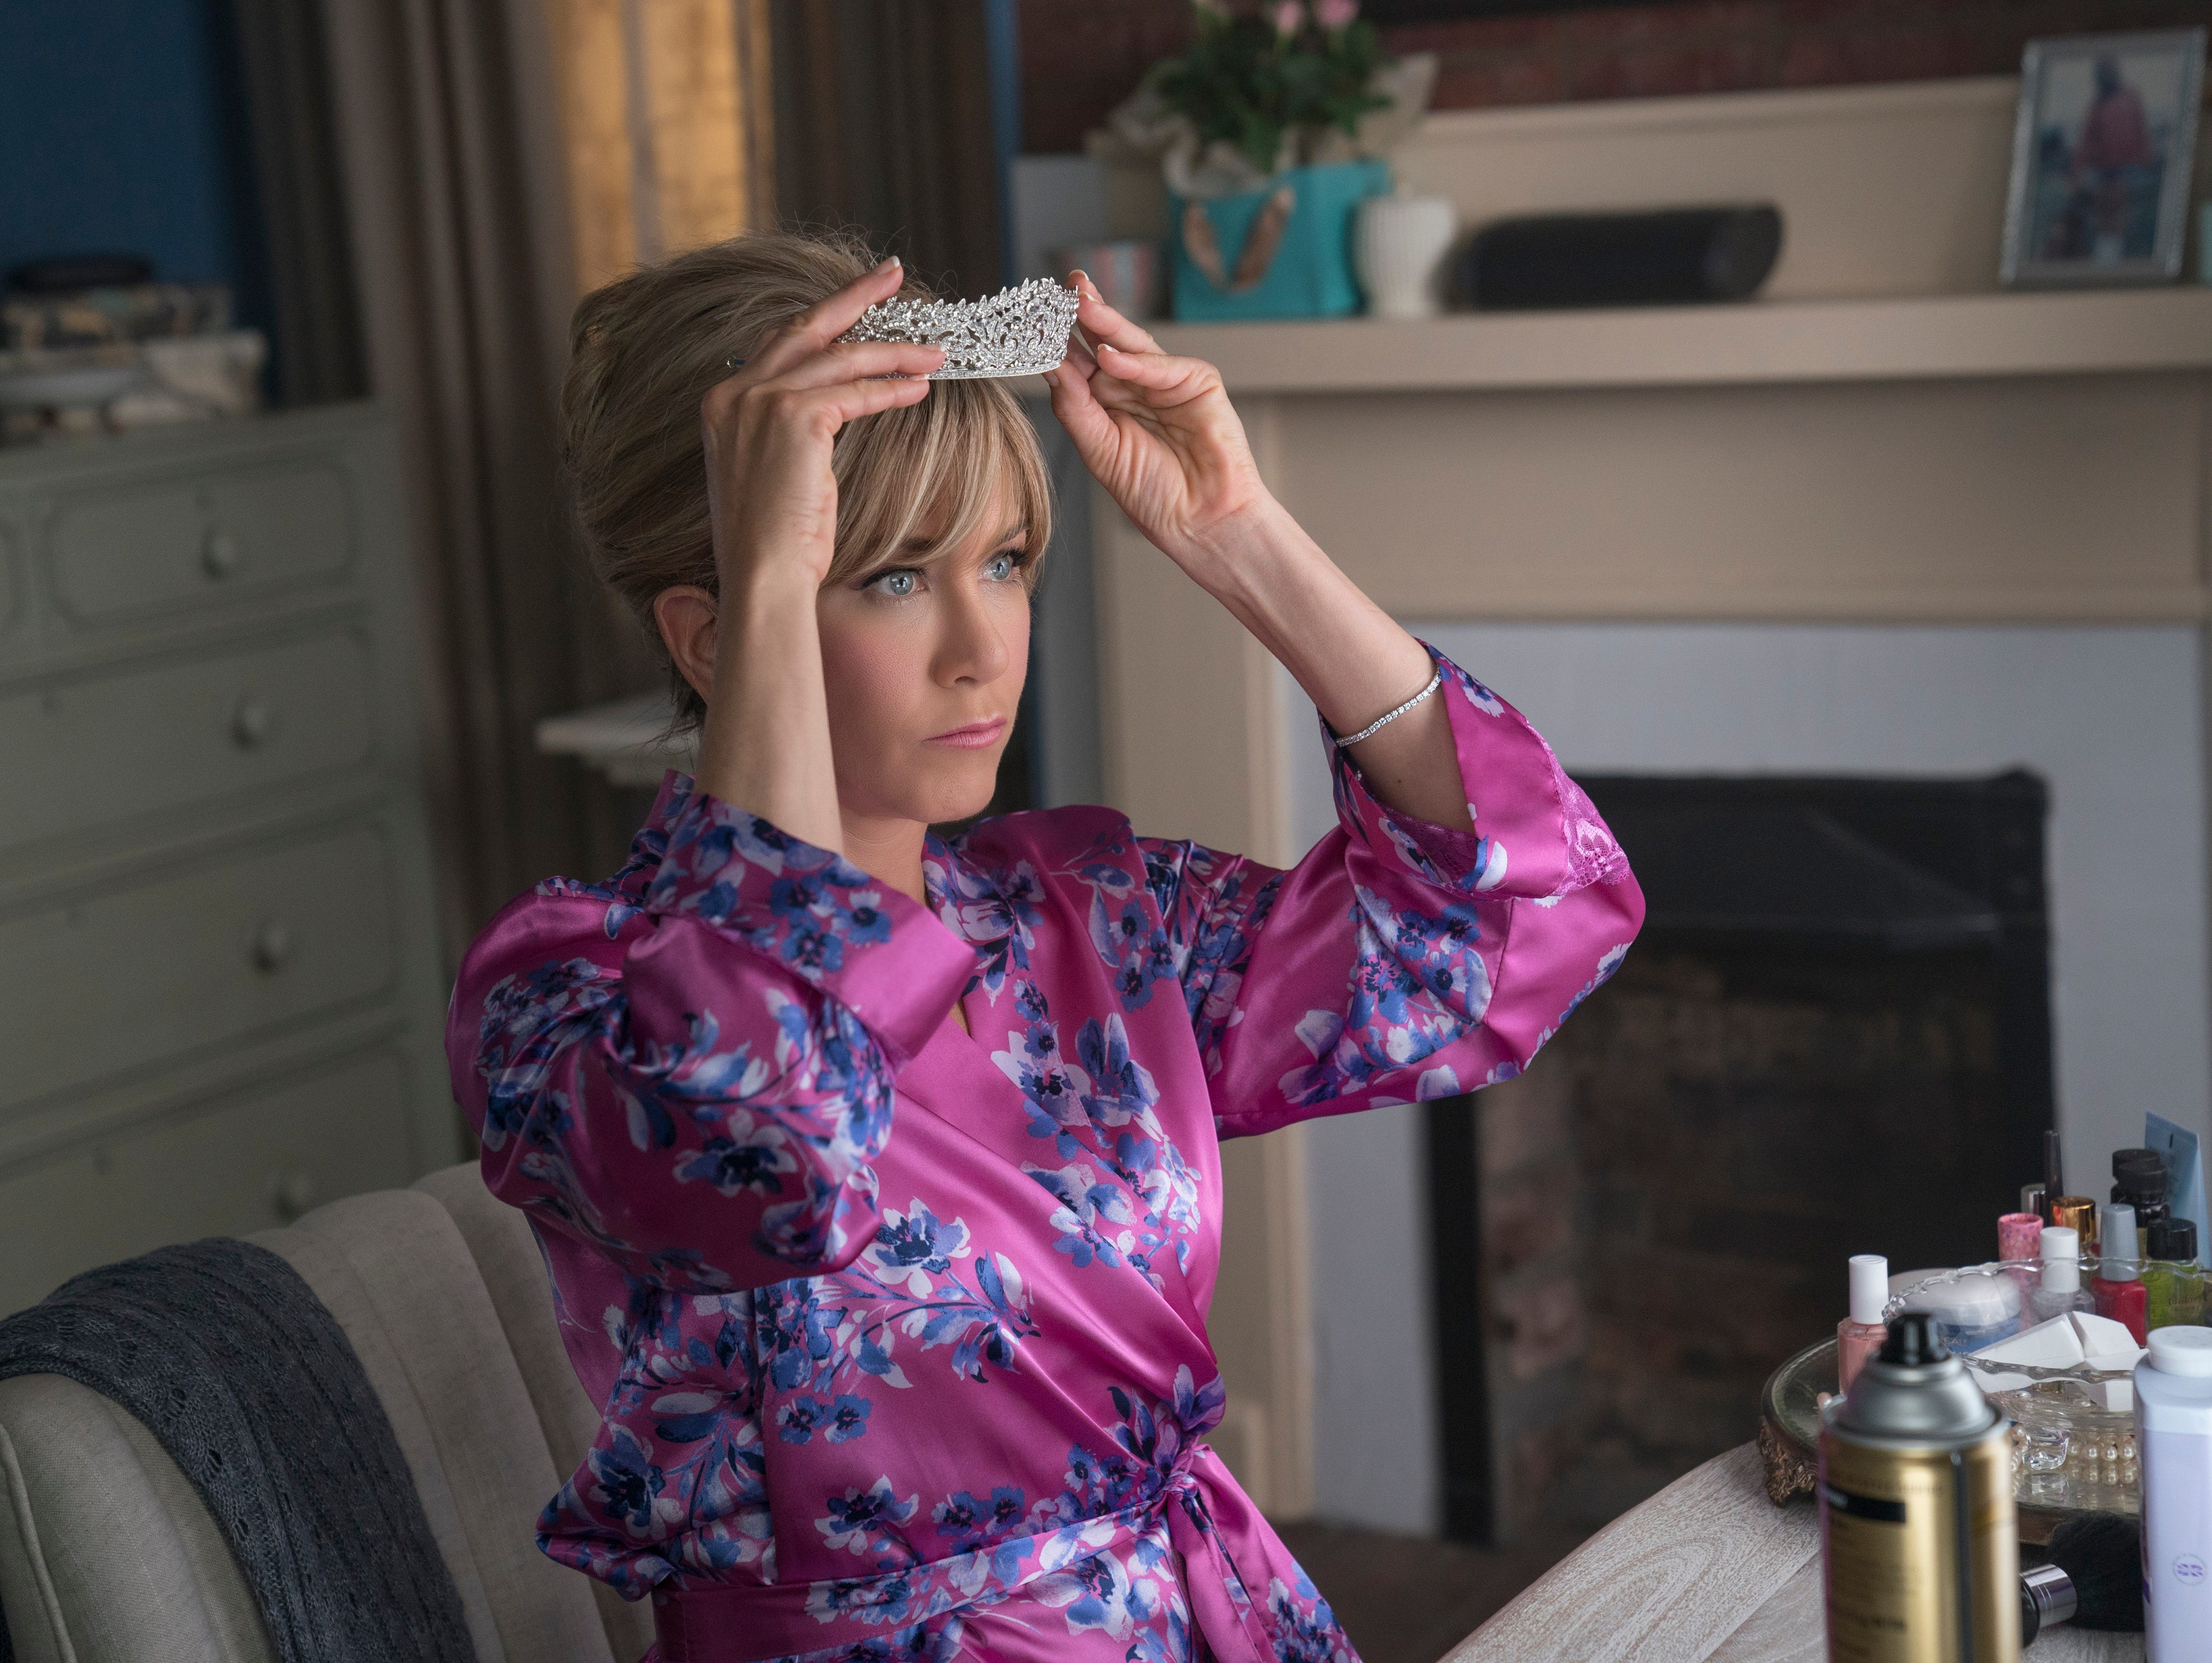 Jennifer Aniston is headed to Netflix, starring as a former beauty black in Dumplin'.